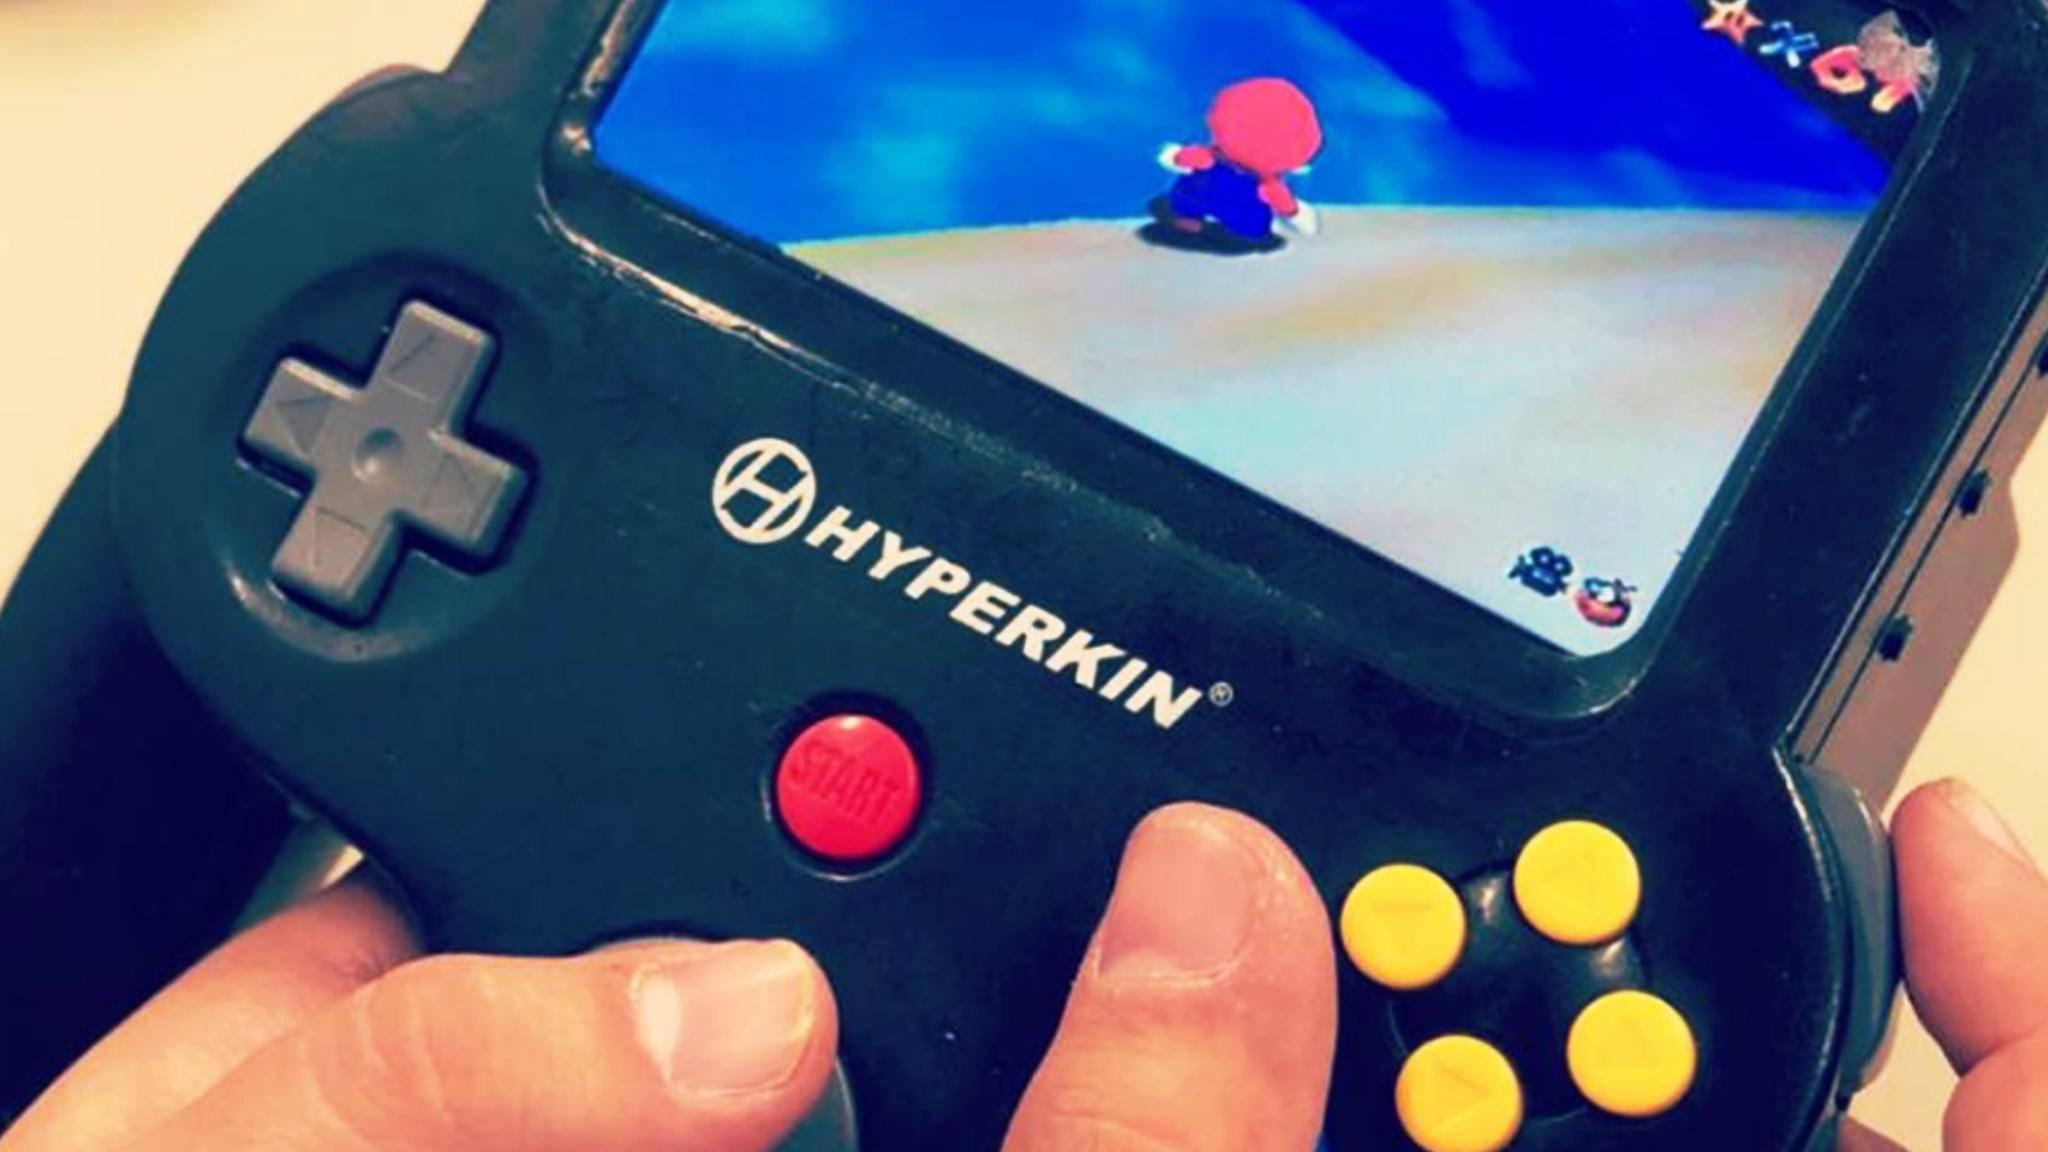 Der N64-Handheld verfügt über ein integriertes Display und einen Modul-Slot.